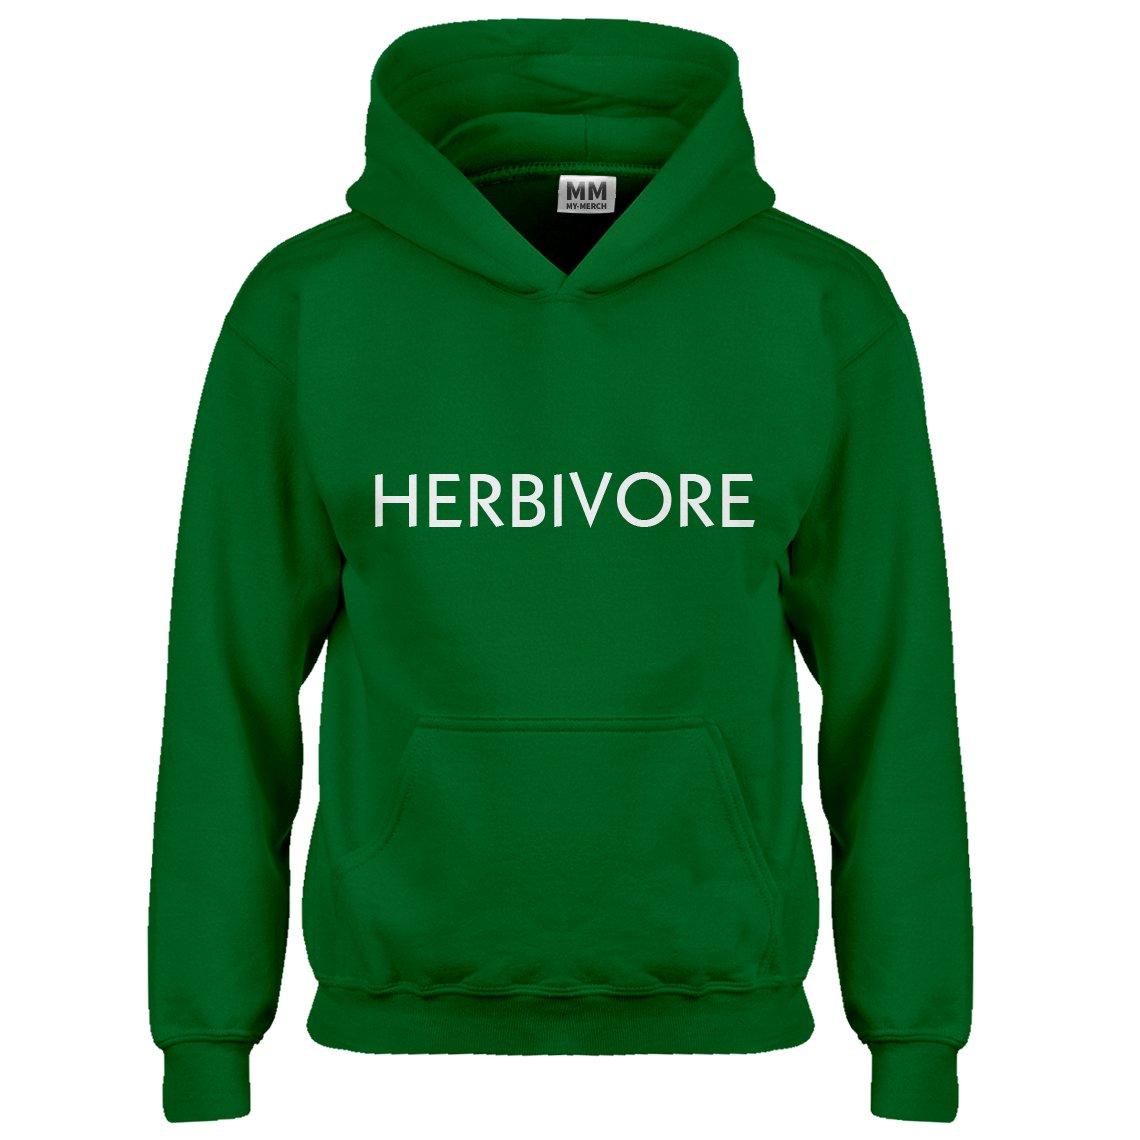 Indica Plateau Youth Herbivore Vegan Kids Hoodie 3019-Z